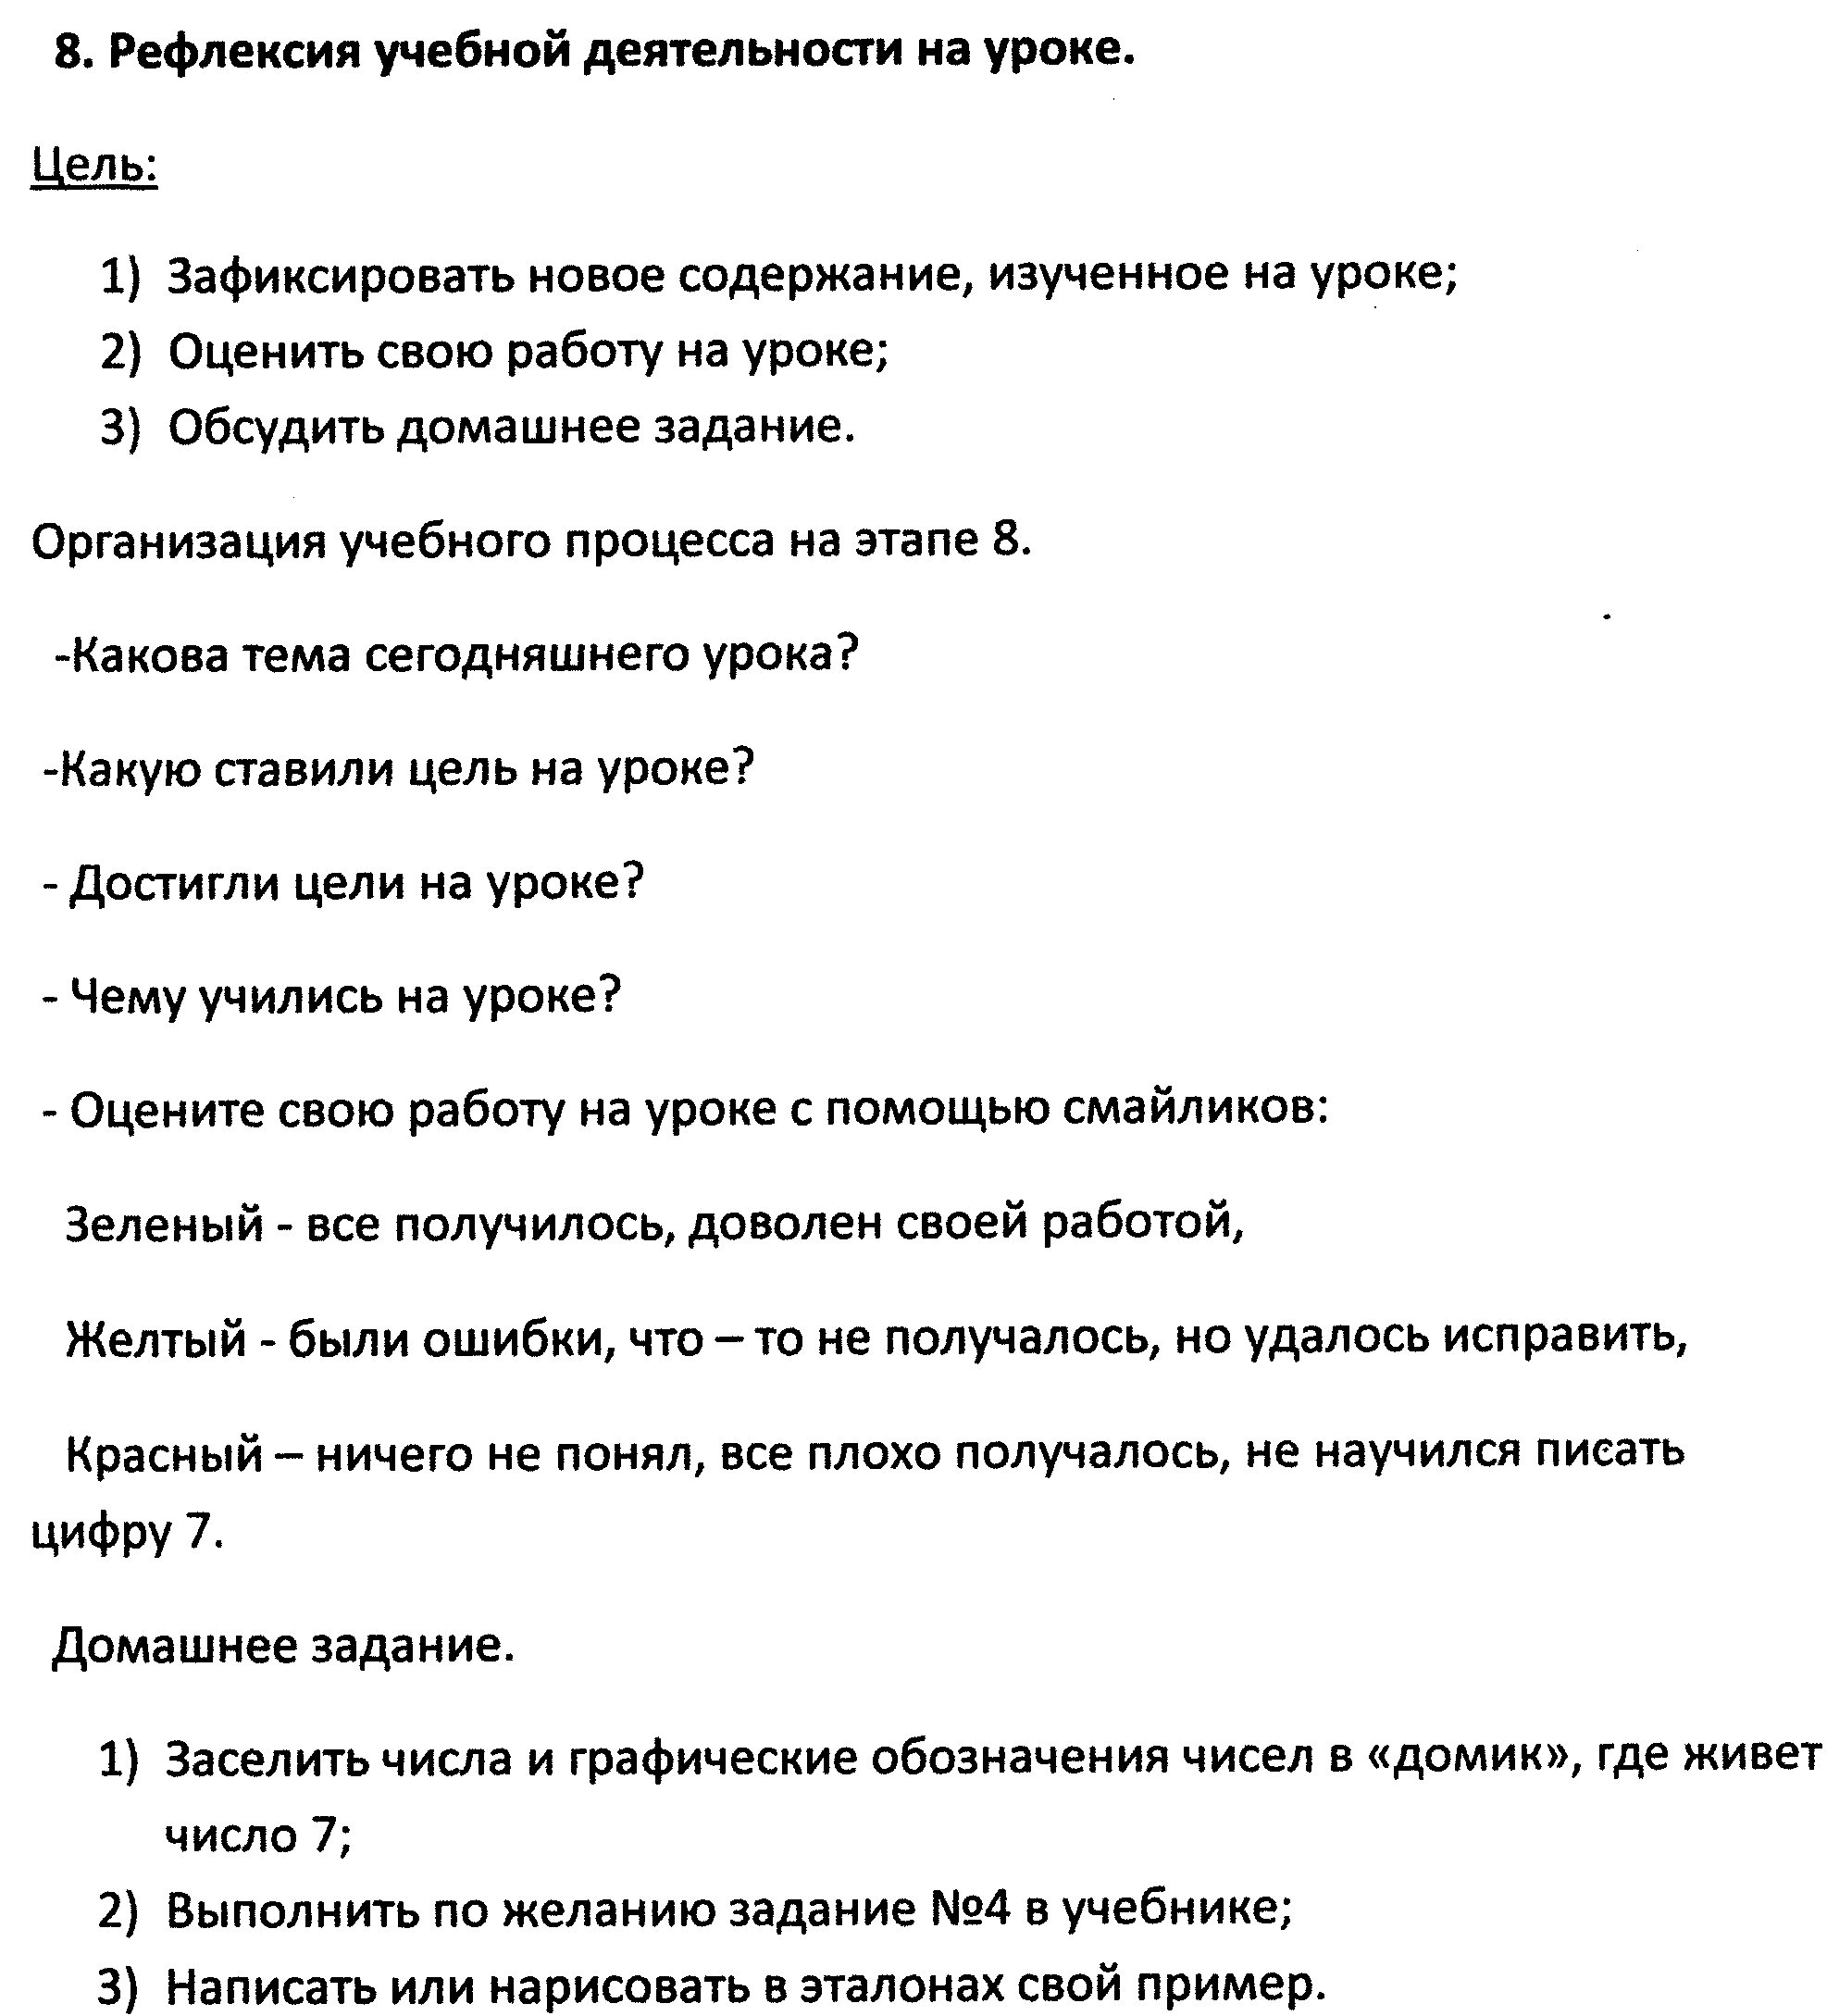 C:\Documents and Settings\Витька\Мои документы\Мои рисунки\img289.jpg